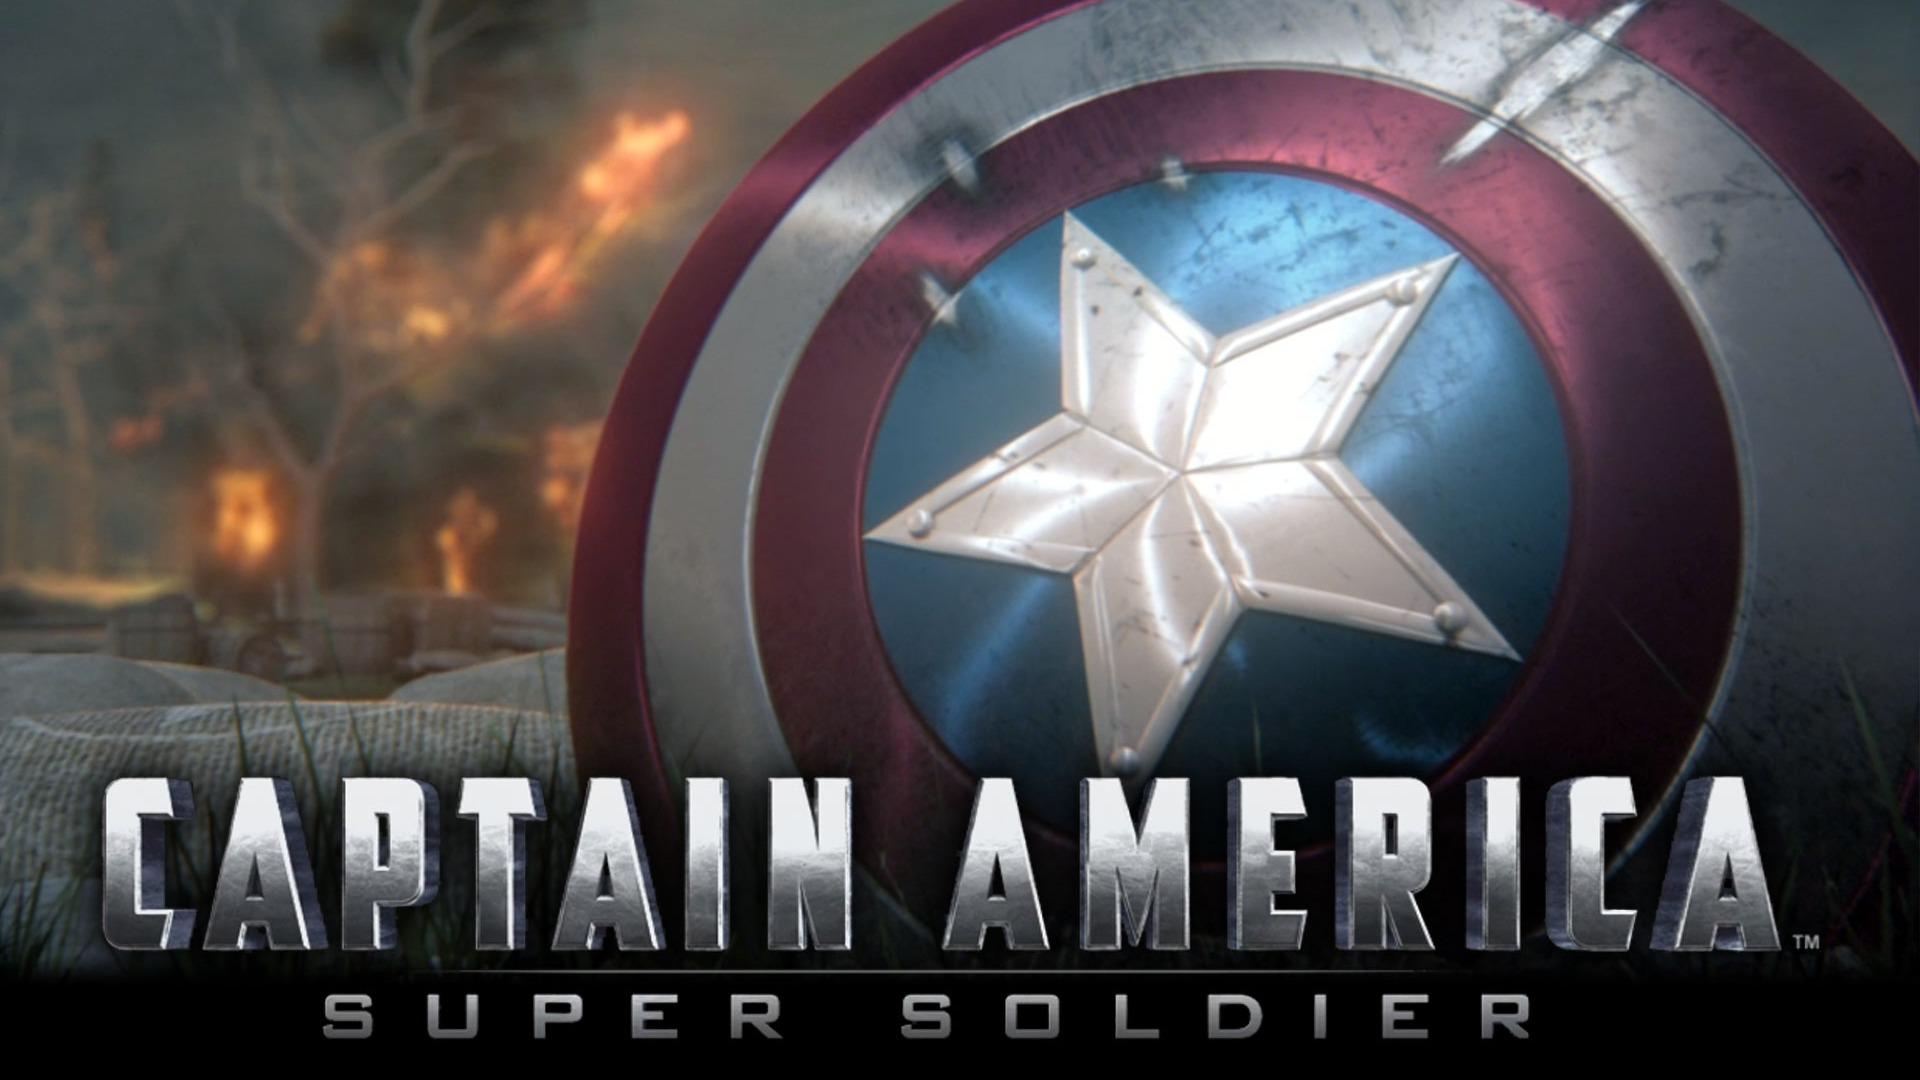 hd  x fond d'écran télécharger captain america